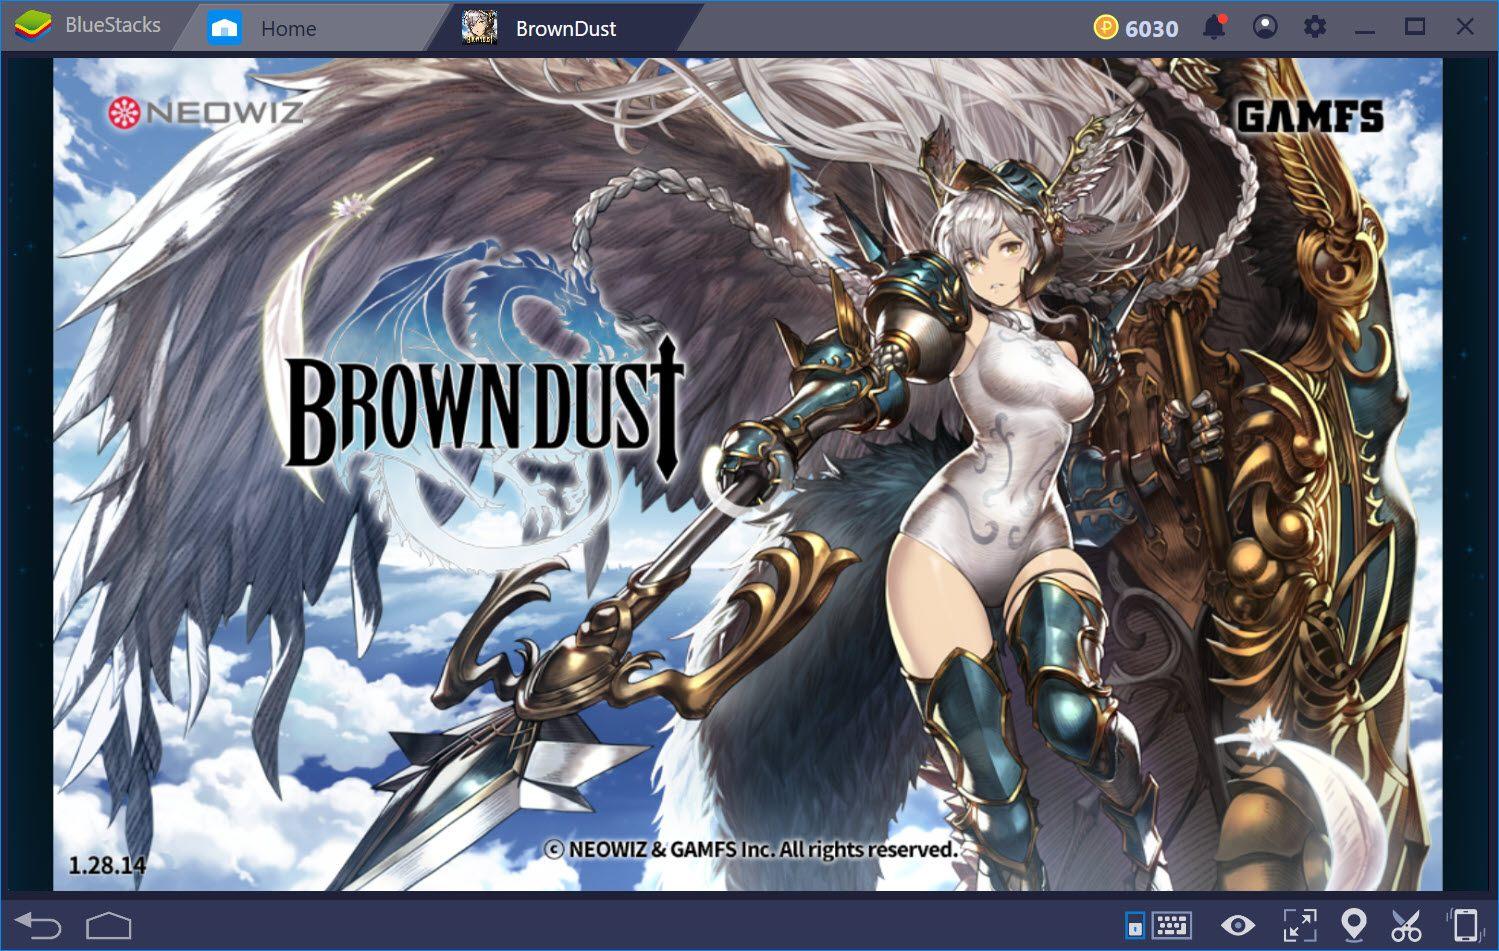 使用BlueStacks 4模擬器在電腦上遊玩 Brown Dust-棕色塵埃